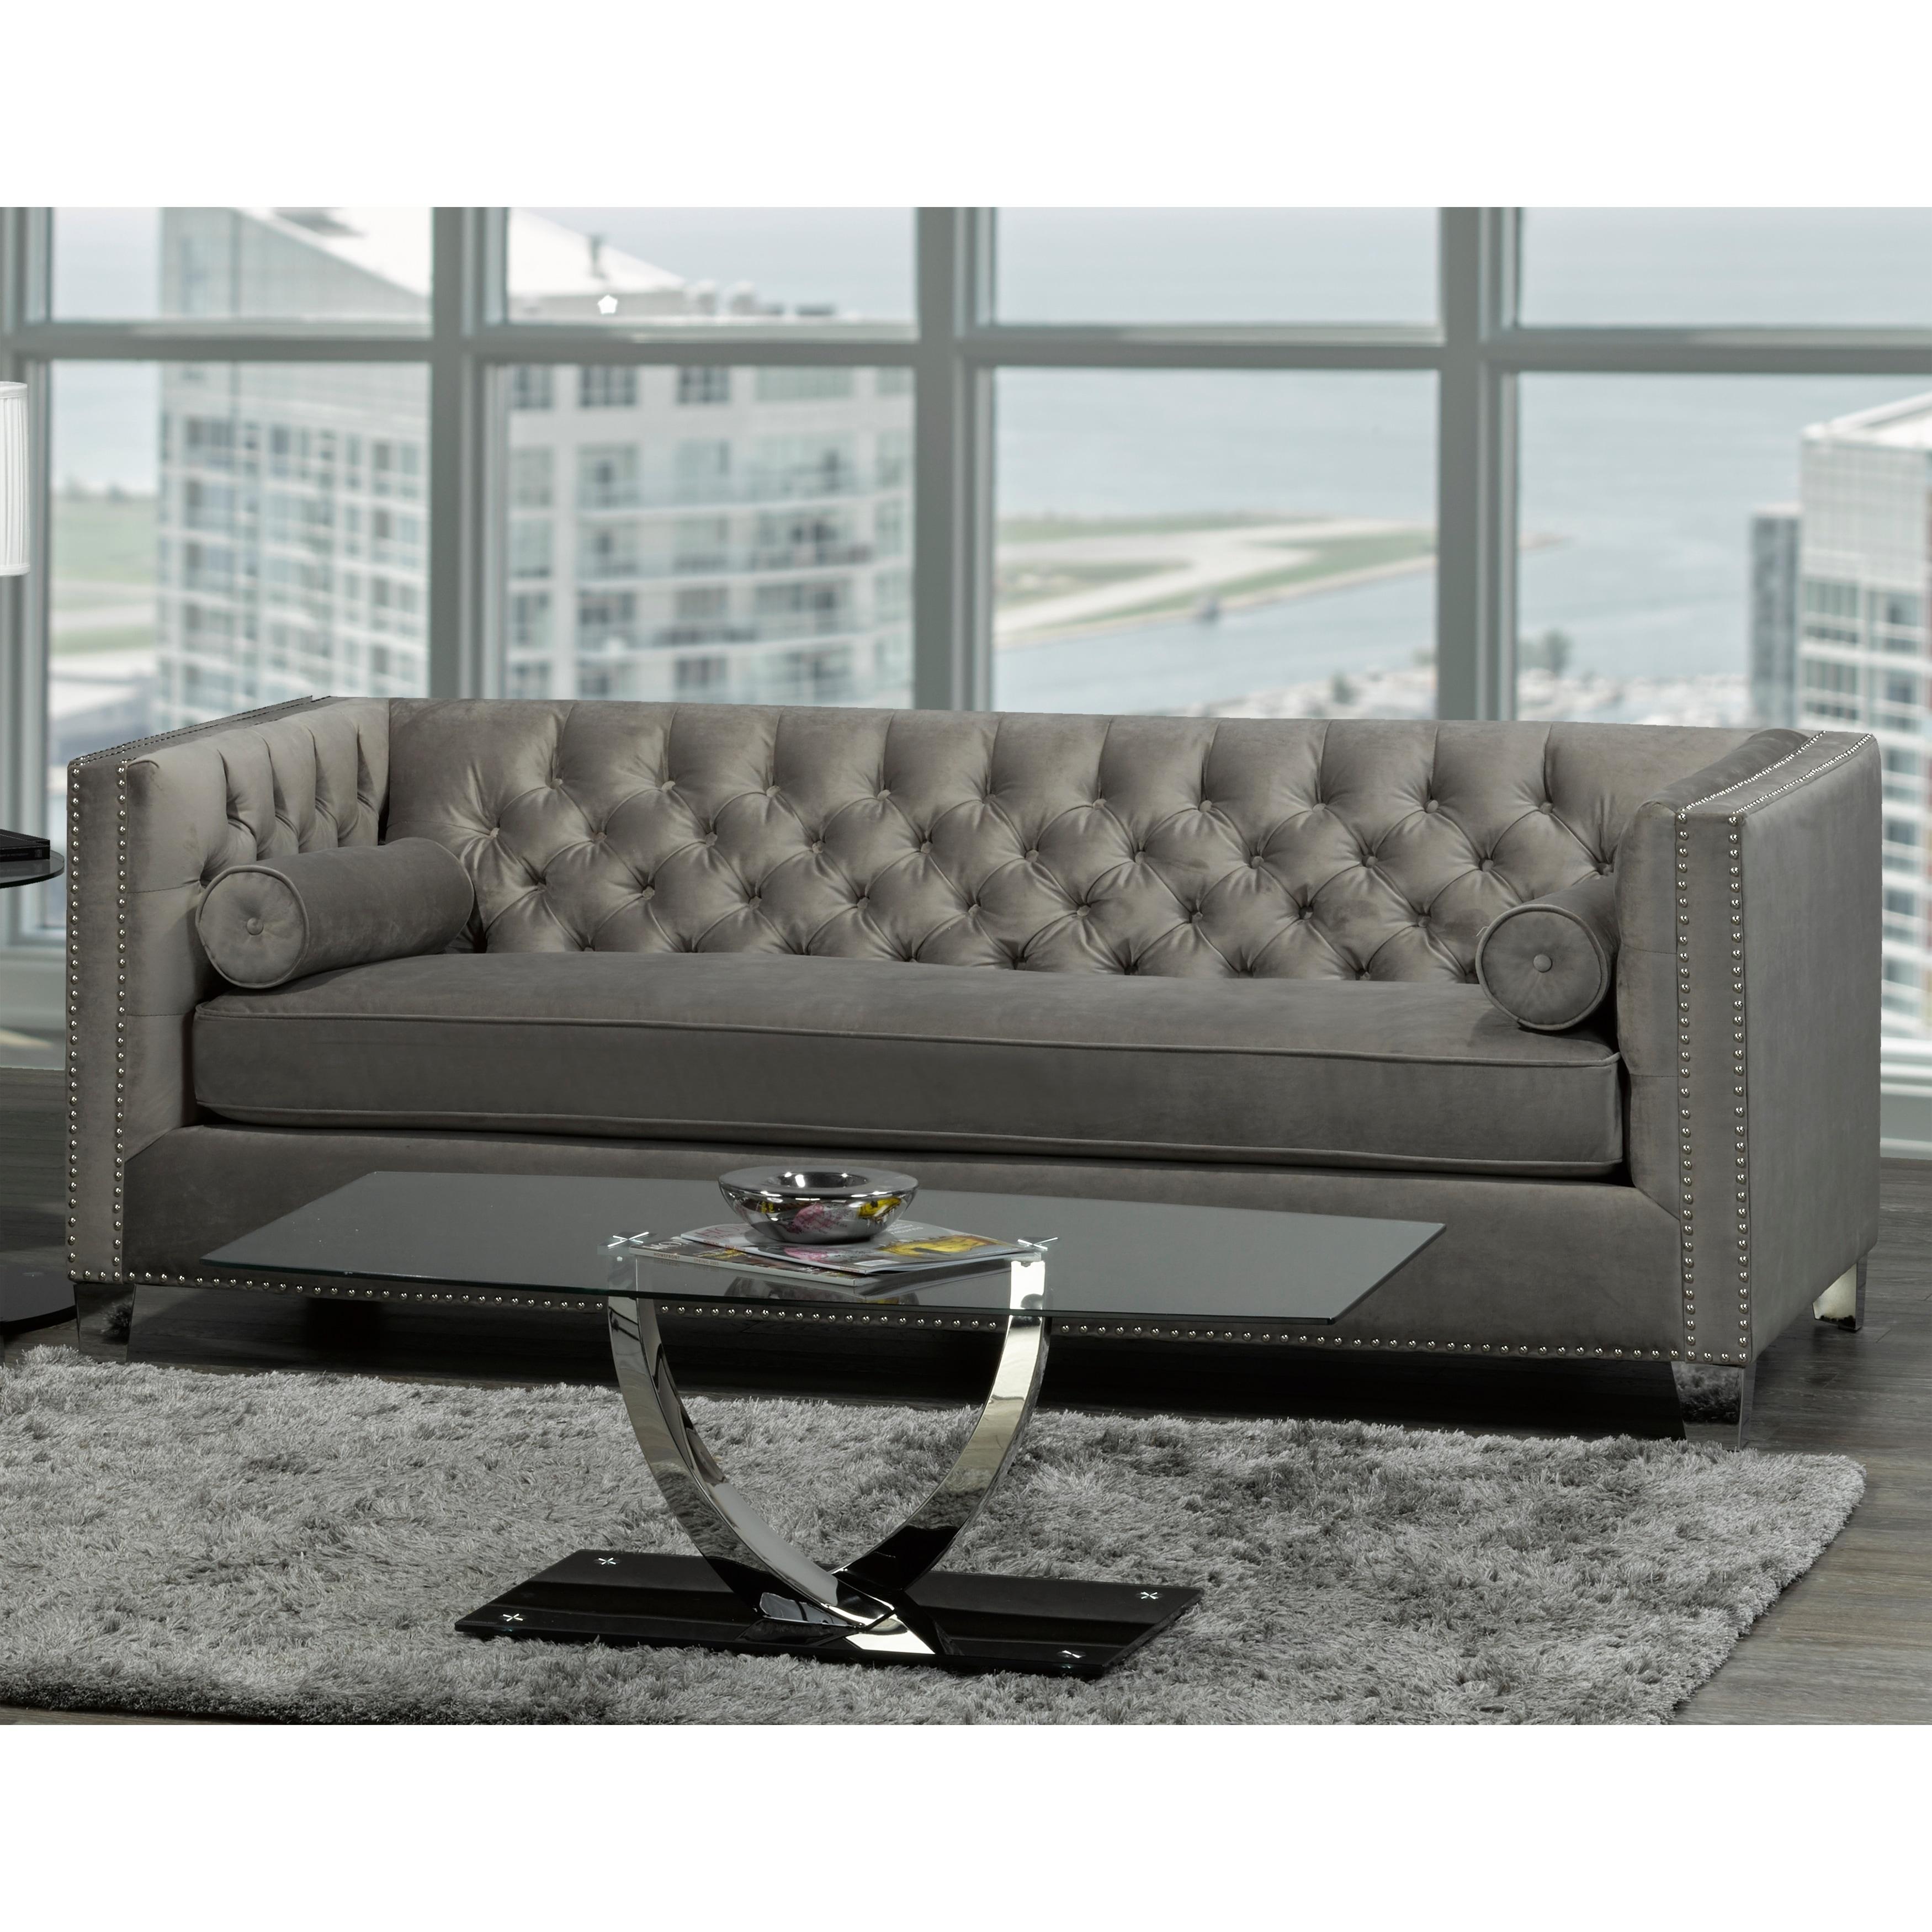 fbx teen model max mtl rylin tufted armless loveseat rh velvet sofa models furniture obj